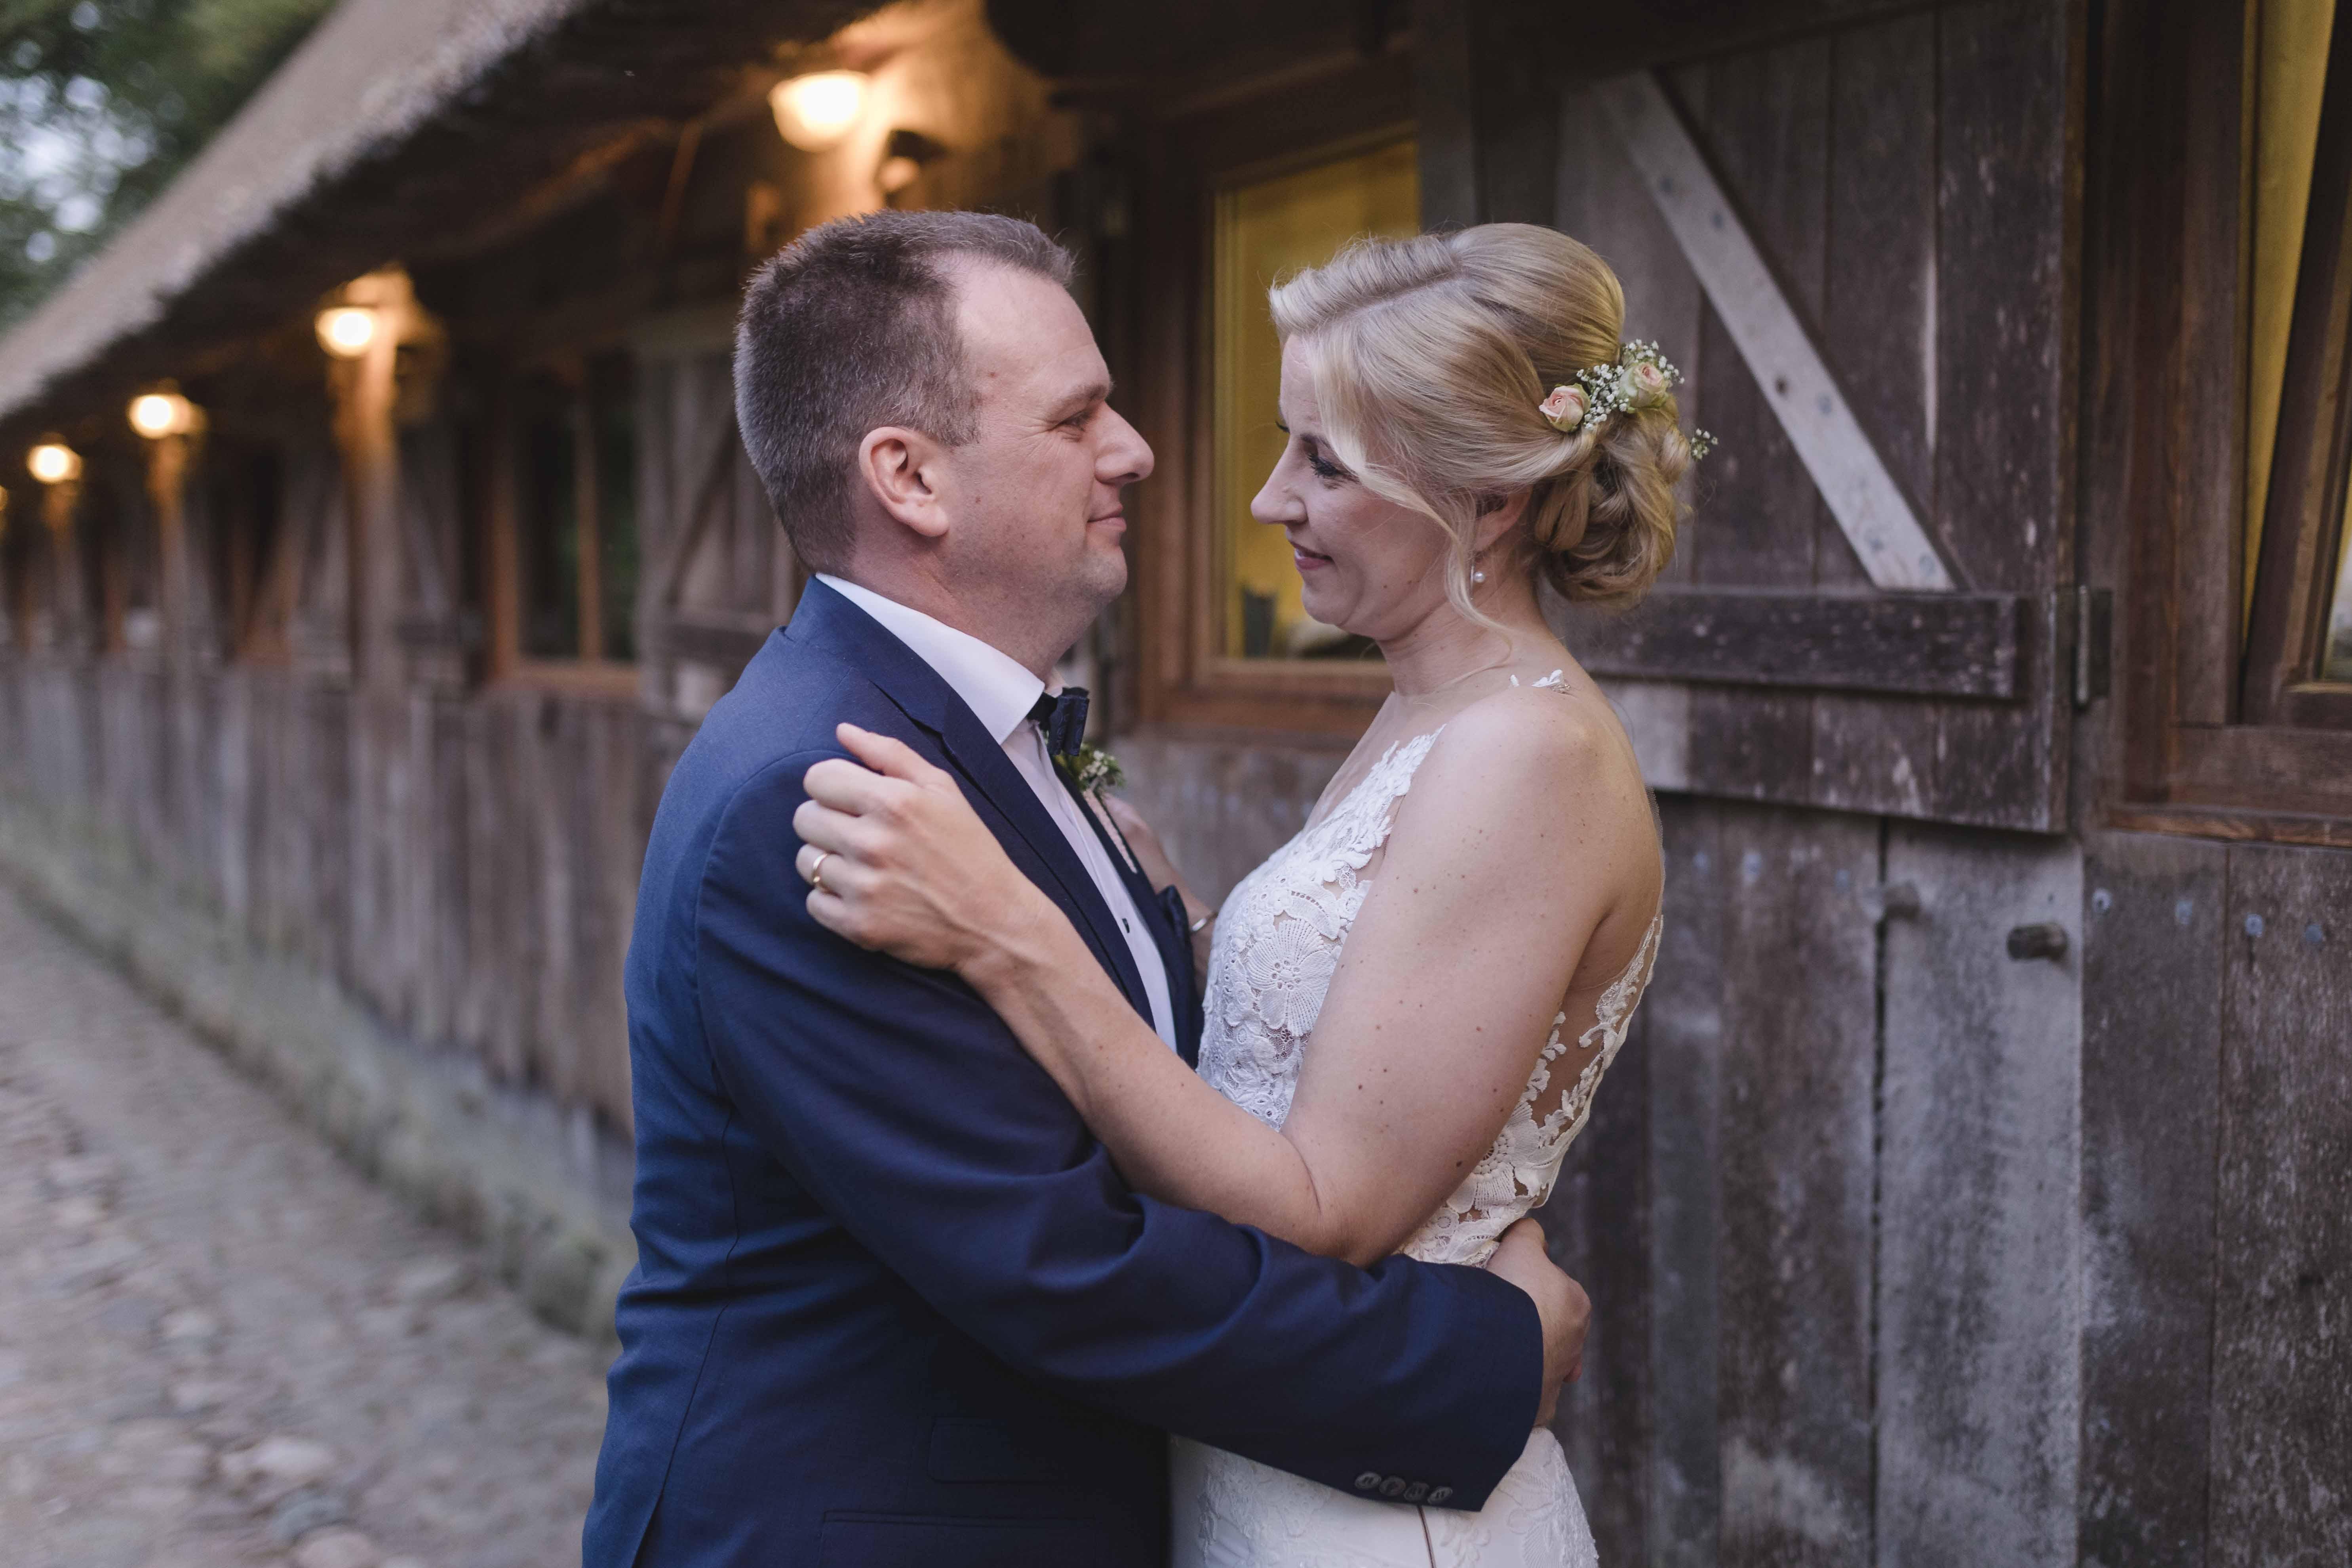 Paarshooting am Hochzeitstag - das Paar steht abends vor der beleuchteten Location